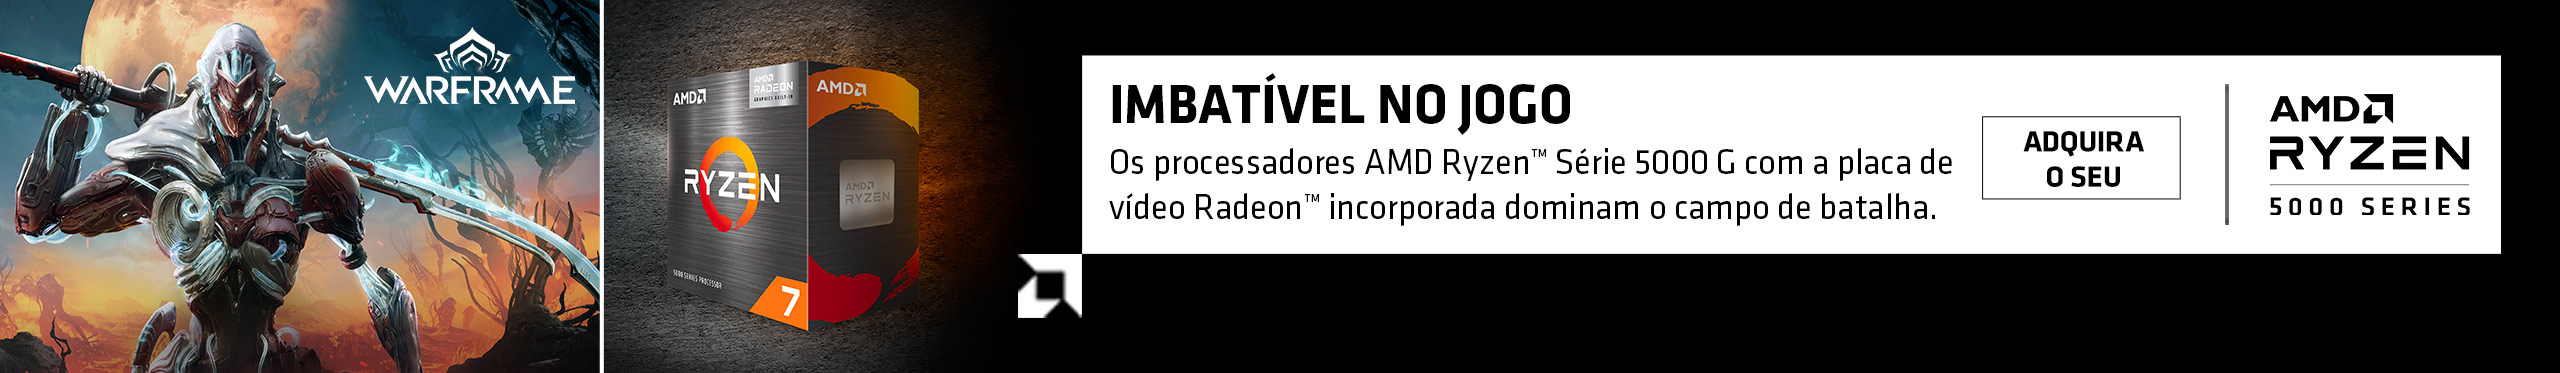 Com os novos processadores AMD Ryzen Série 5000G, com placa de vídeo Radeon incorporada, você vai dominar o campo de batalha.